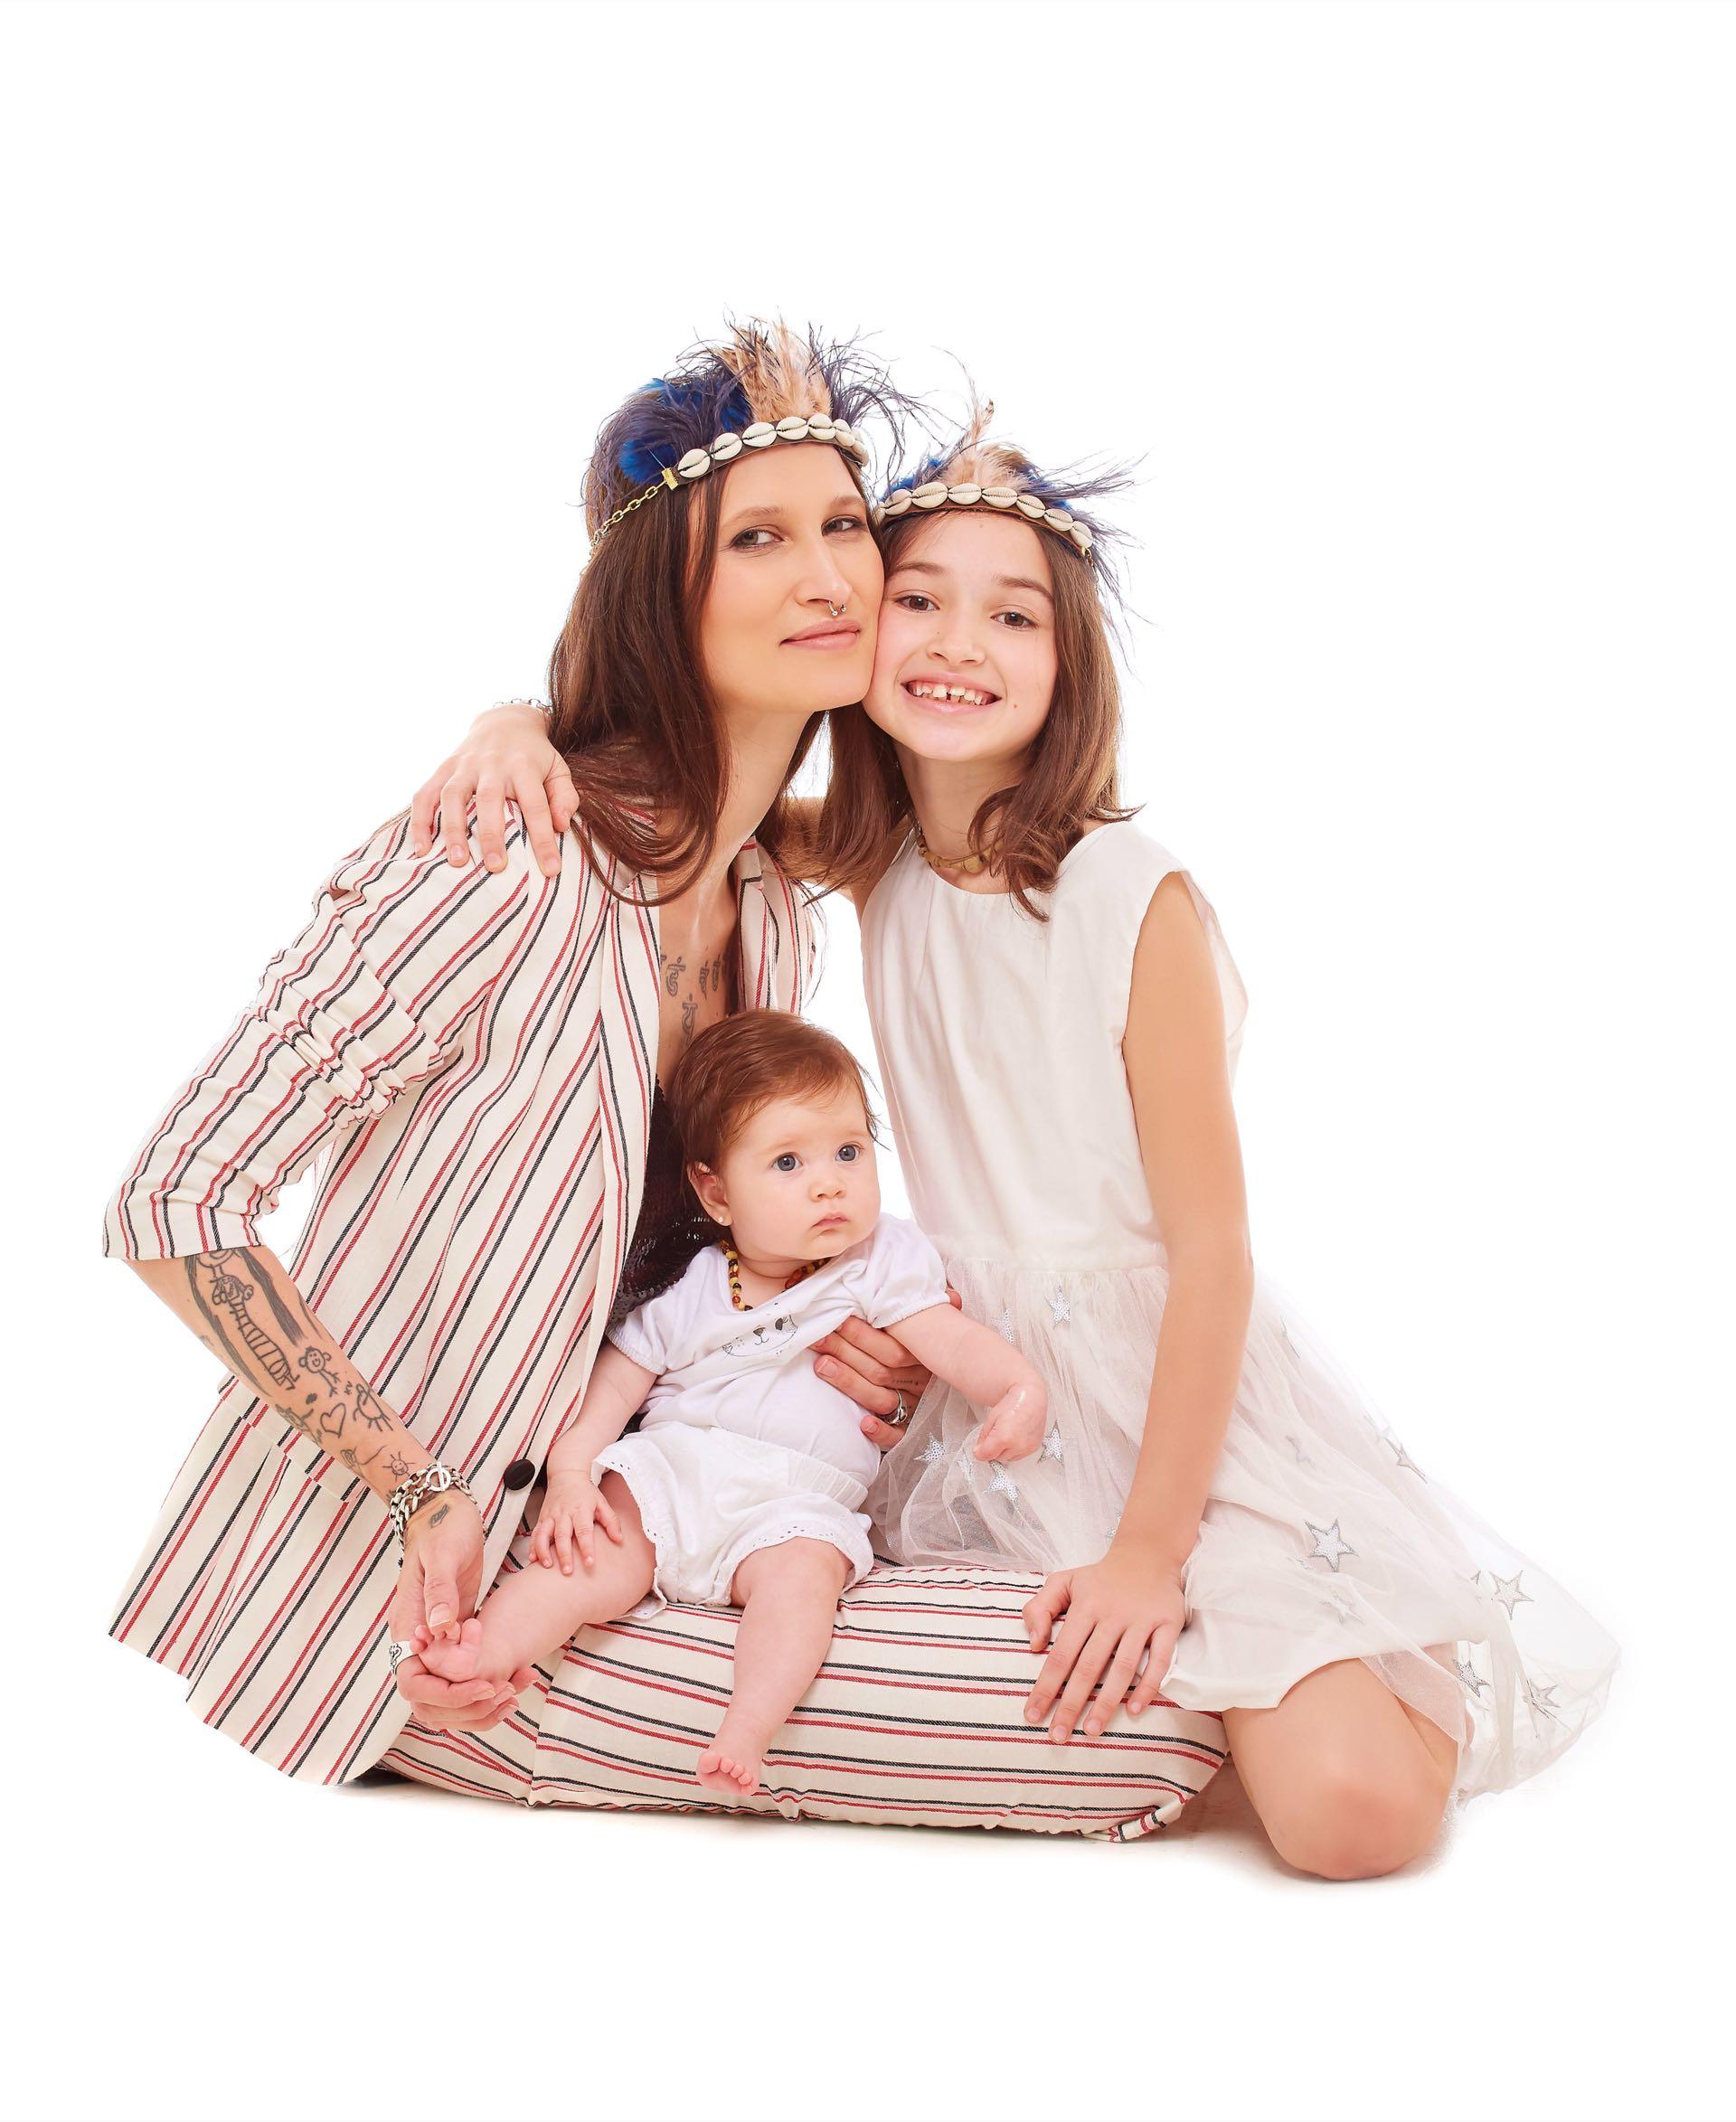 Nat: traje rayado (Carmela Achaval) y top de paillettes (Allô Martínez). Mona: vestido con faldade tul ($ 2.199, Grisino). Debbie: body de algodón y short de broderie ($ 495 y $ 840, Mimo & Co).